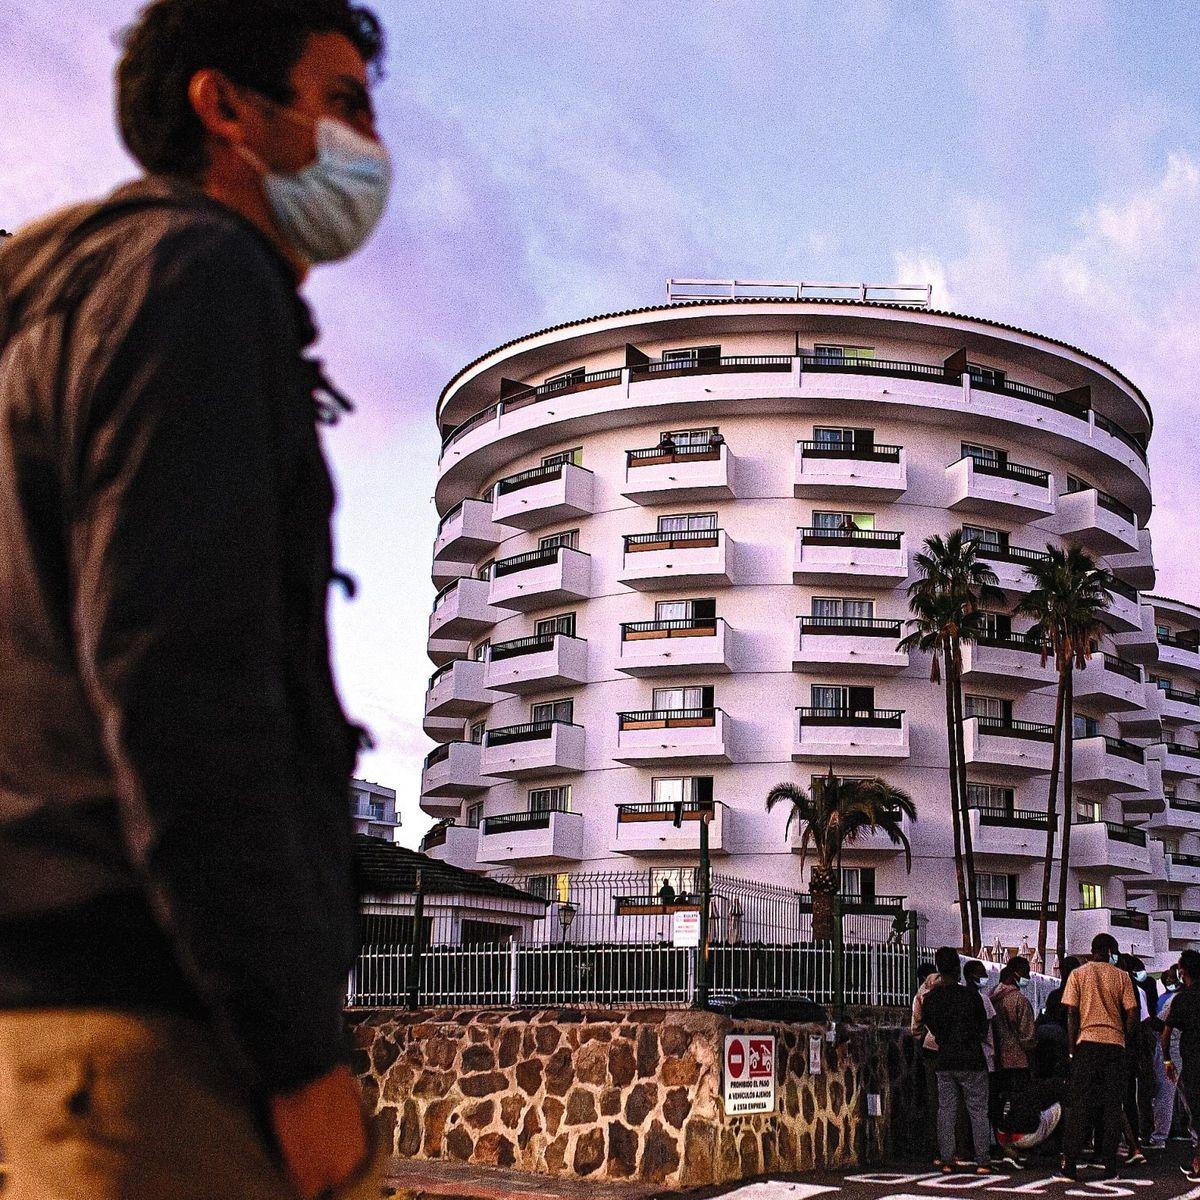 Gran Canaria: Im Luxushotel treffen Hotelgäste auf Flüchtlinge - DER SPIEGEL